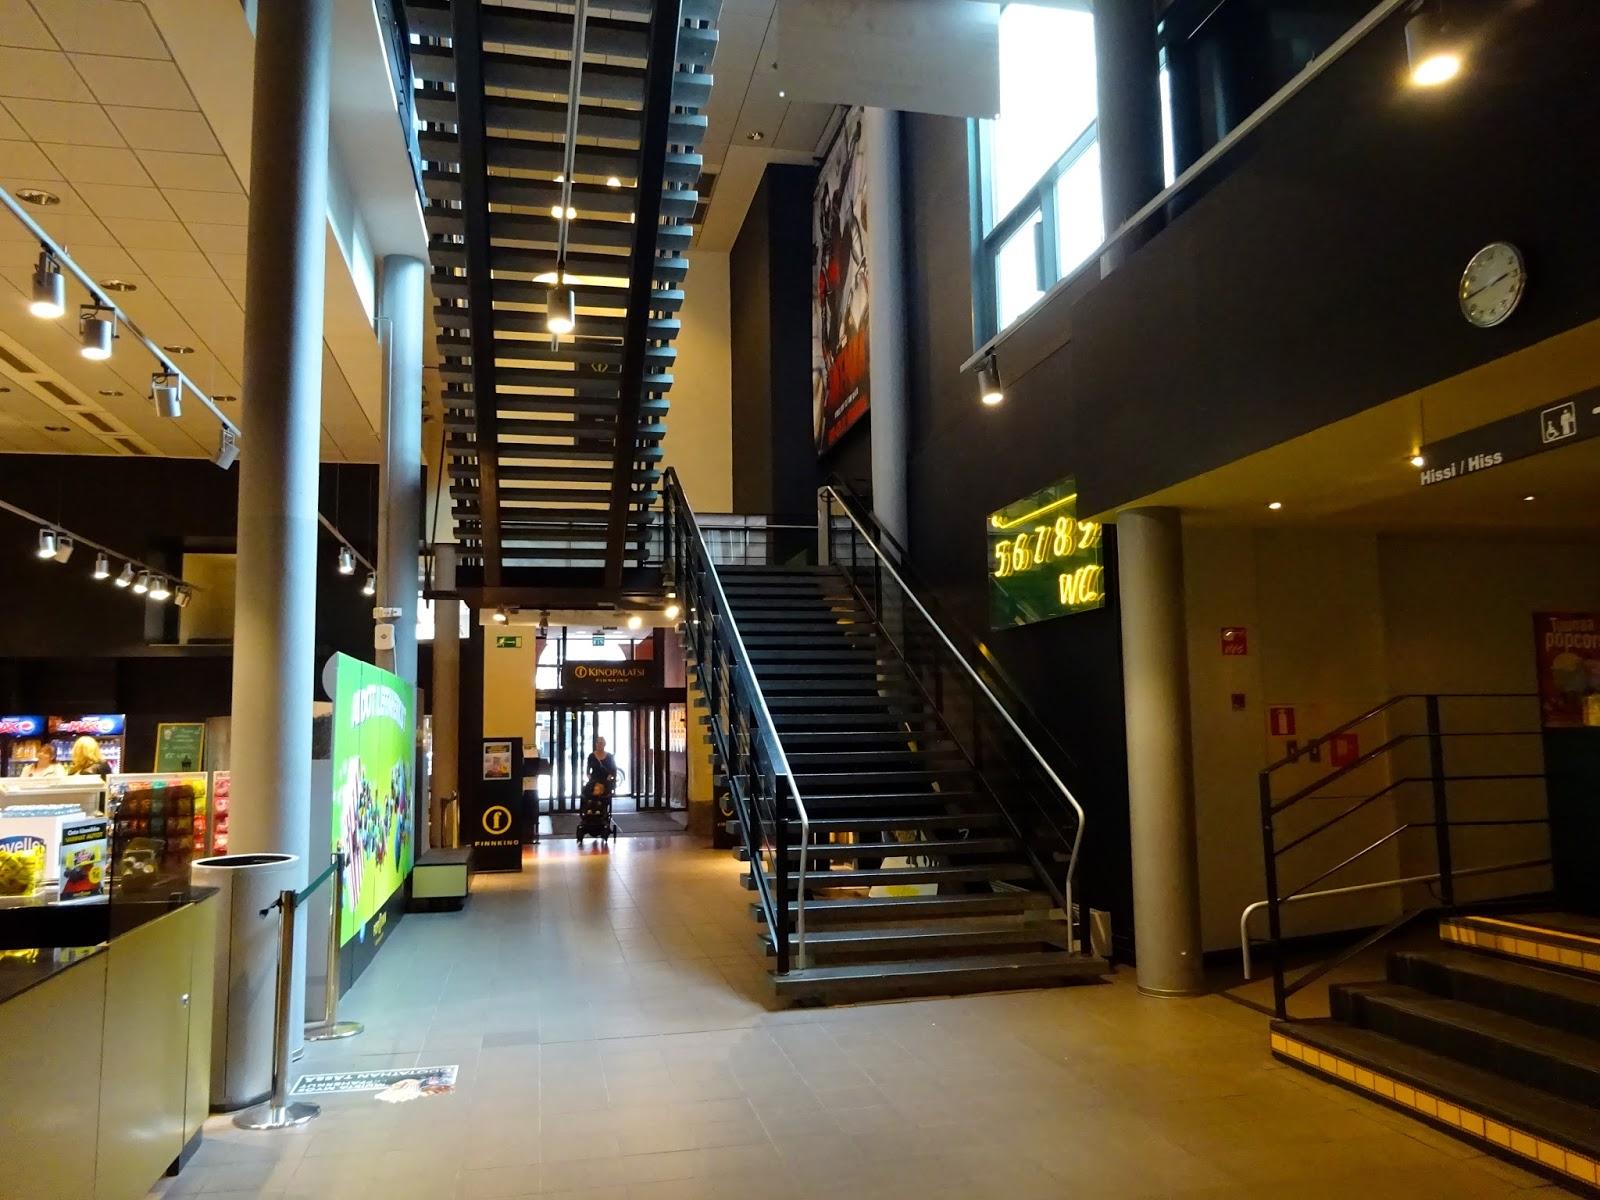 Elokuvateattereita: Finnkino Kinopalatsi (Turku)